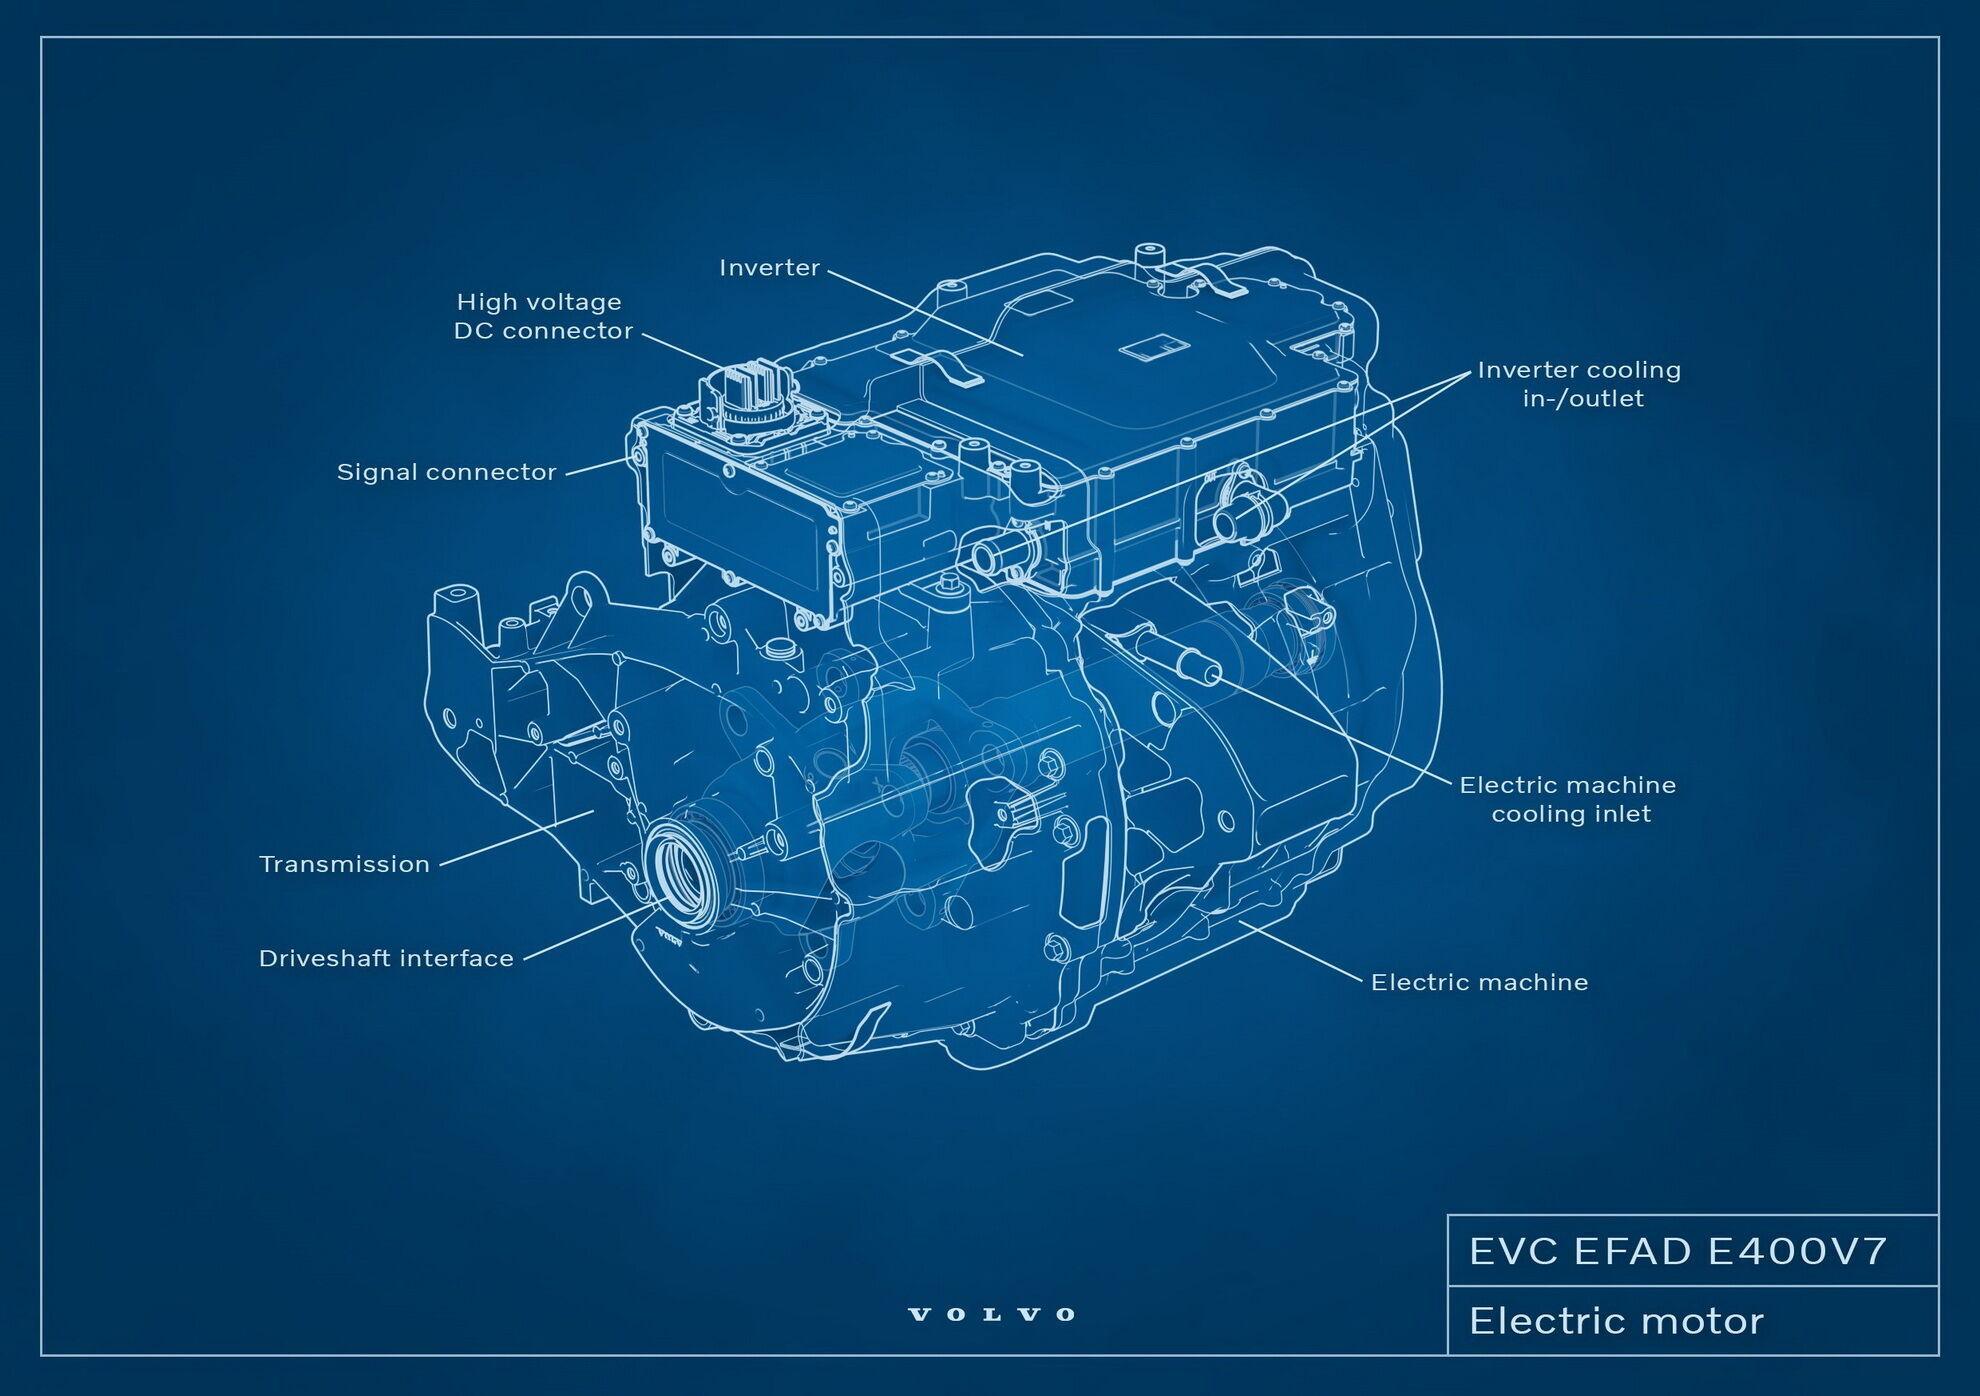 Старт собственной разработки электрических моторов позволит инженерам компании оптимизировать их конструкцию и всю электрическую систему в новых электрокарах Volvo